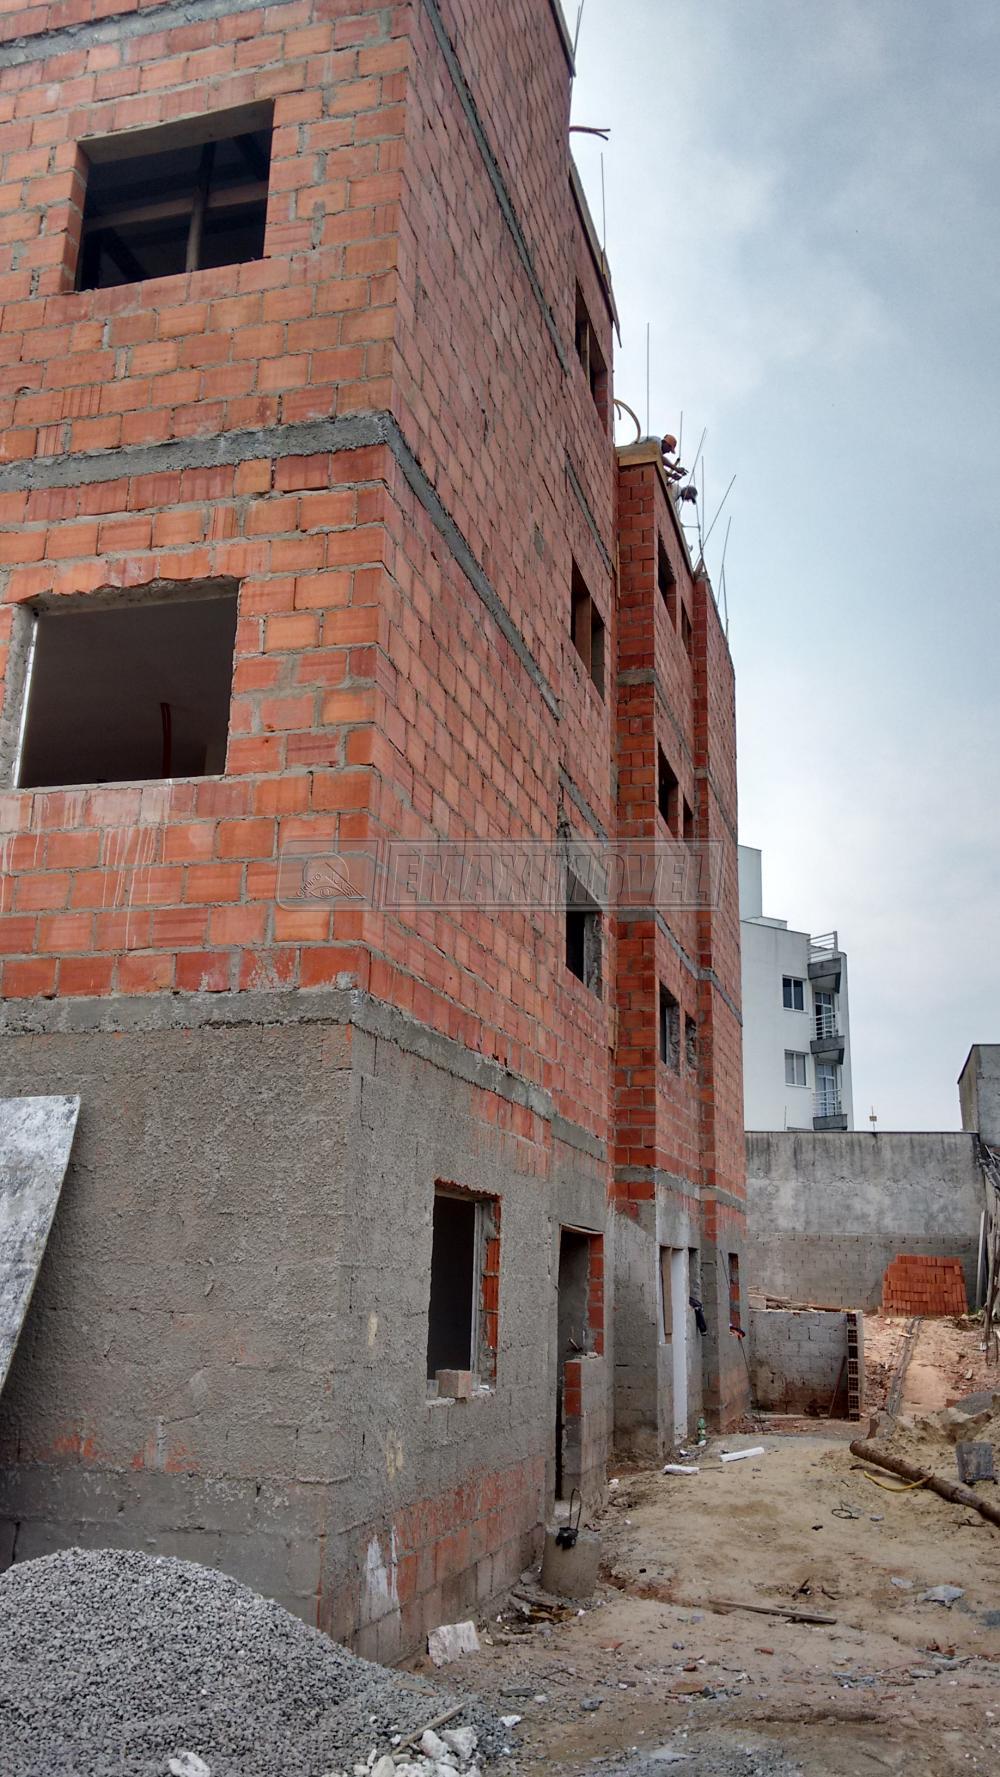 Comprar Apartamentos / Apto Padrão em Sorocaba apenas R$ 135.000,00 - Foto 2